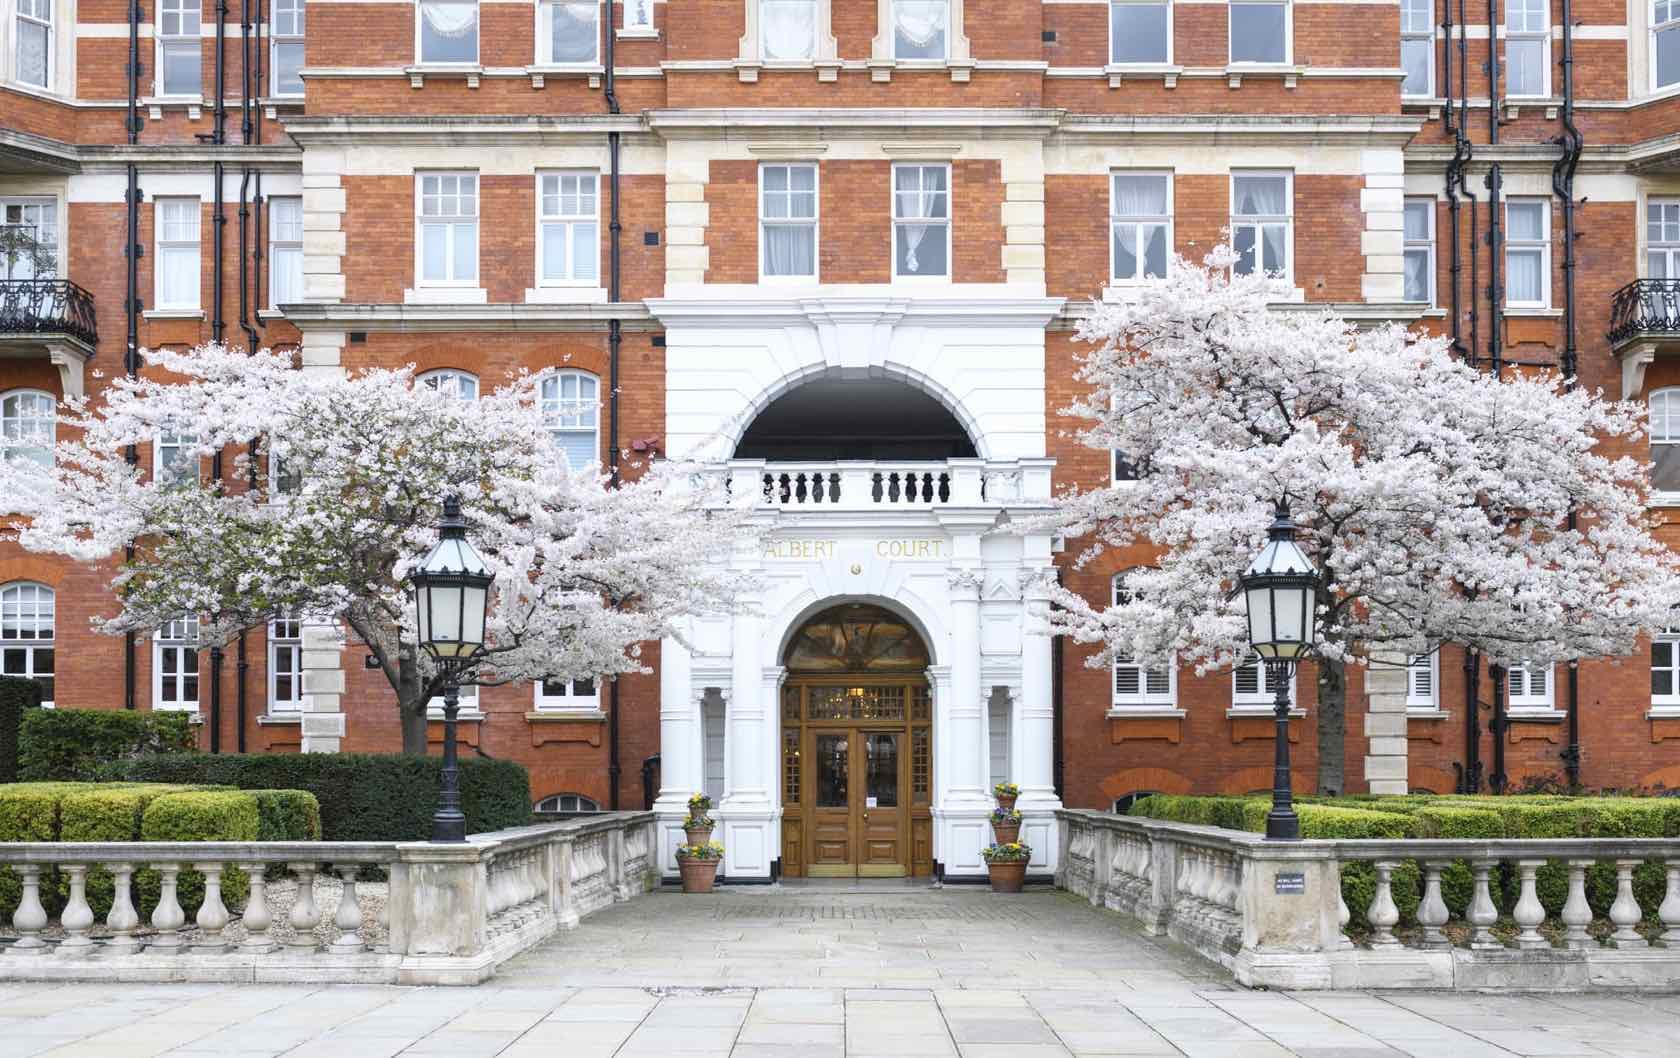 London in Spring flowering trees